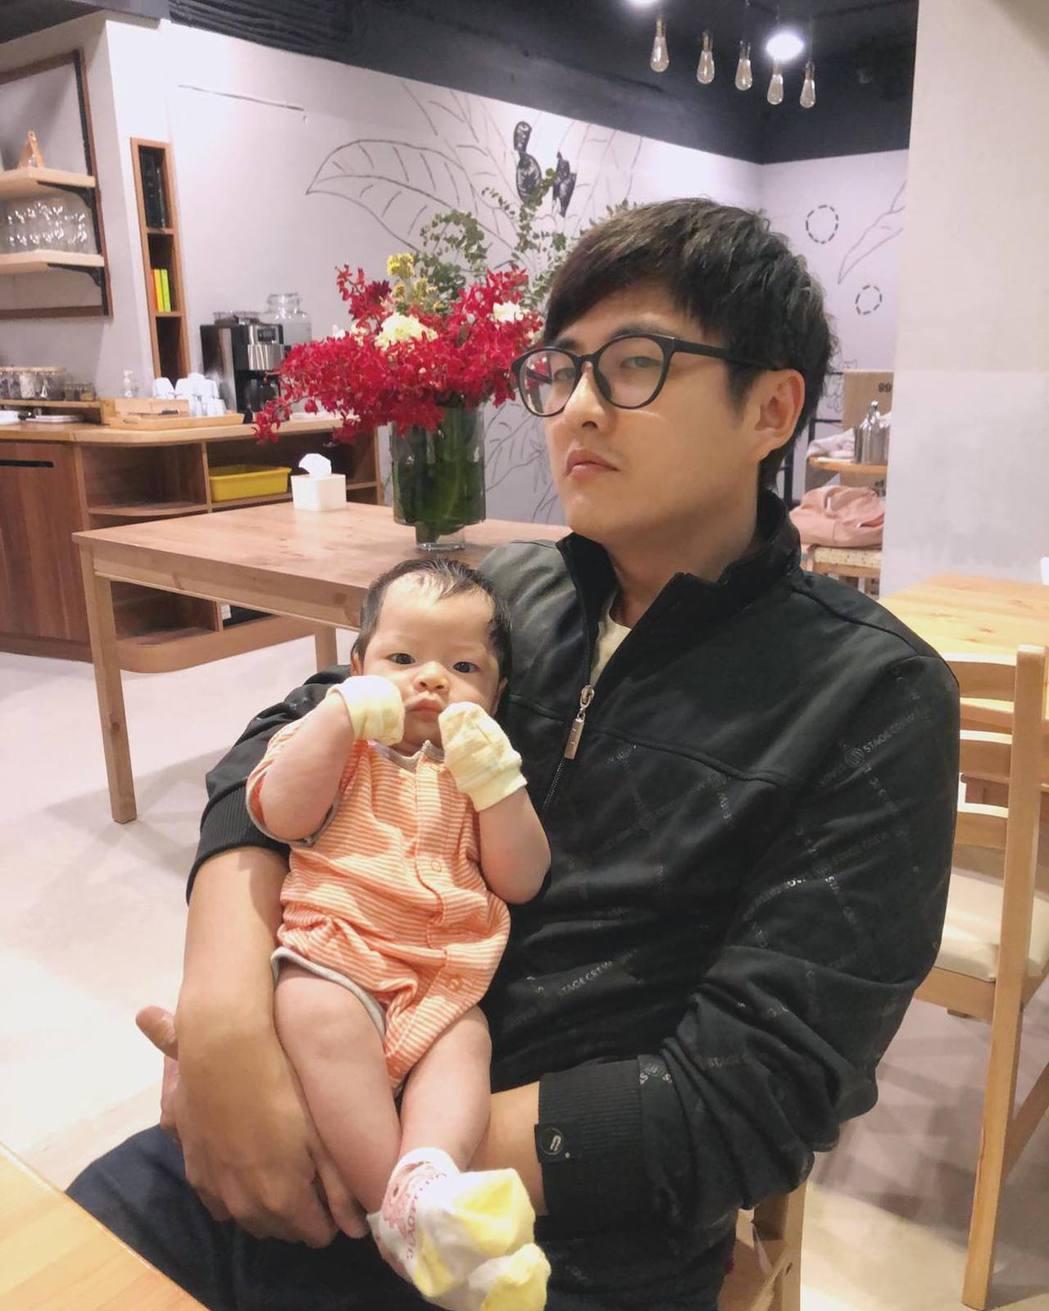 黃靖倫當爸後笑稱和老婆變成「搶錢夫妻」。圖/摘自臉書